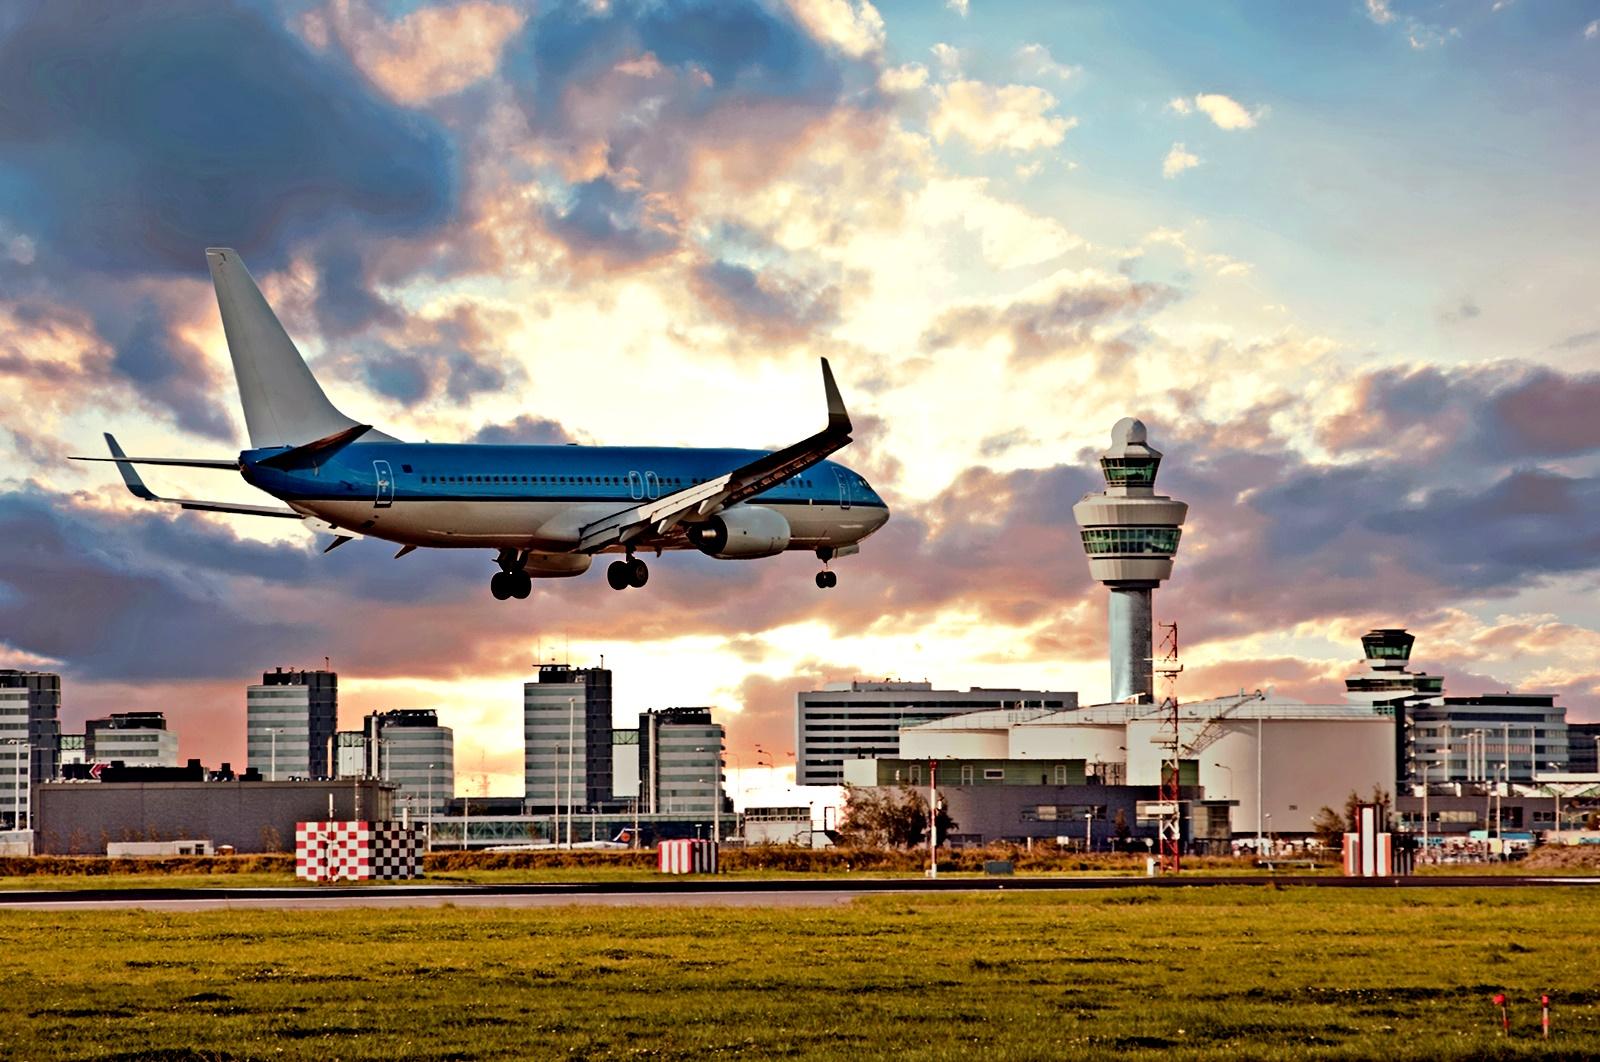 Летище Схипхол, Амстердам<br /> Ако не си падате толкова по разходките сред дивата природа или карането на кънки на лед, то по-вероятно е летището в Амстердам да ви допадне. То разполага с музей на изкуствата, в който докато вървите към изхода за самолета, може да се наслаждавате на творби от най-известните холандски художници. Това прави летището първото в света, което излага на показ изкуство от XVII в.